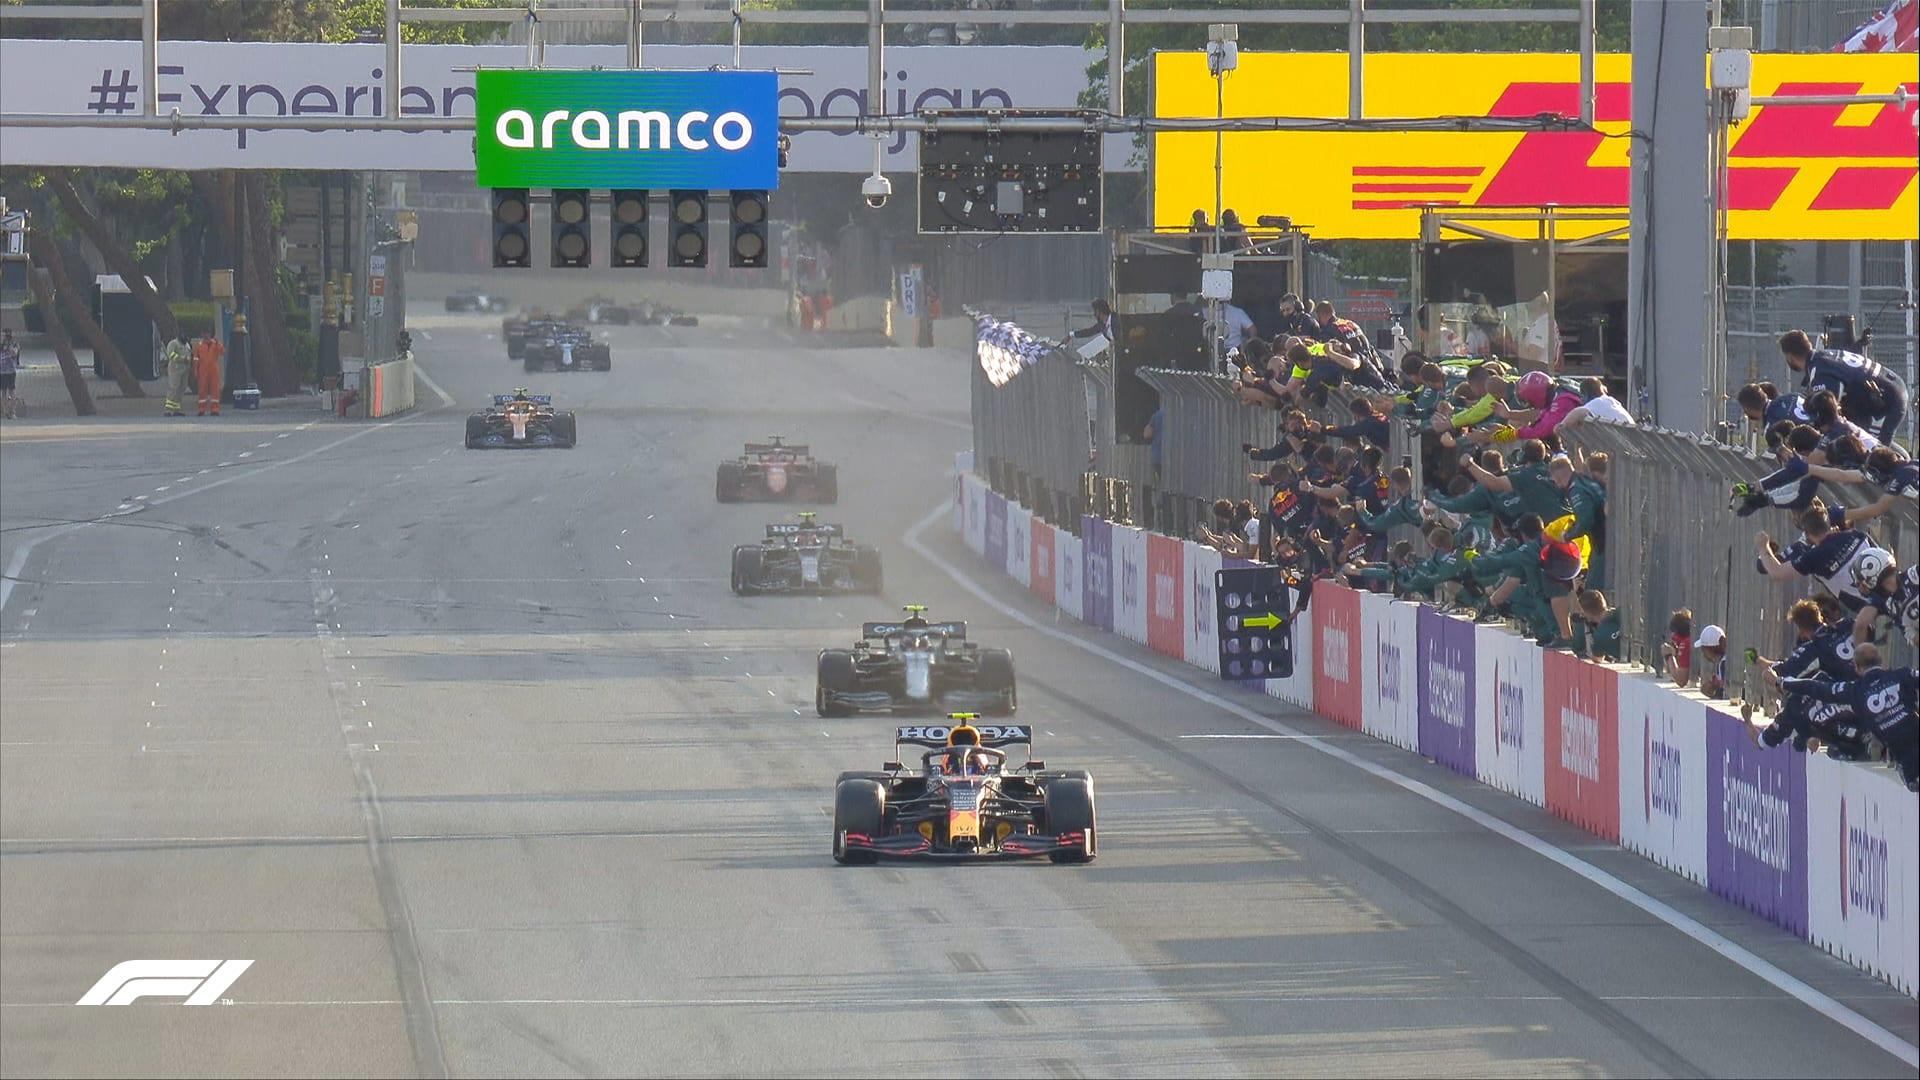 GP Baku: Νικητής ο Perez μετά από έναν χαοτικό αγώνα!